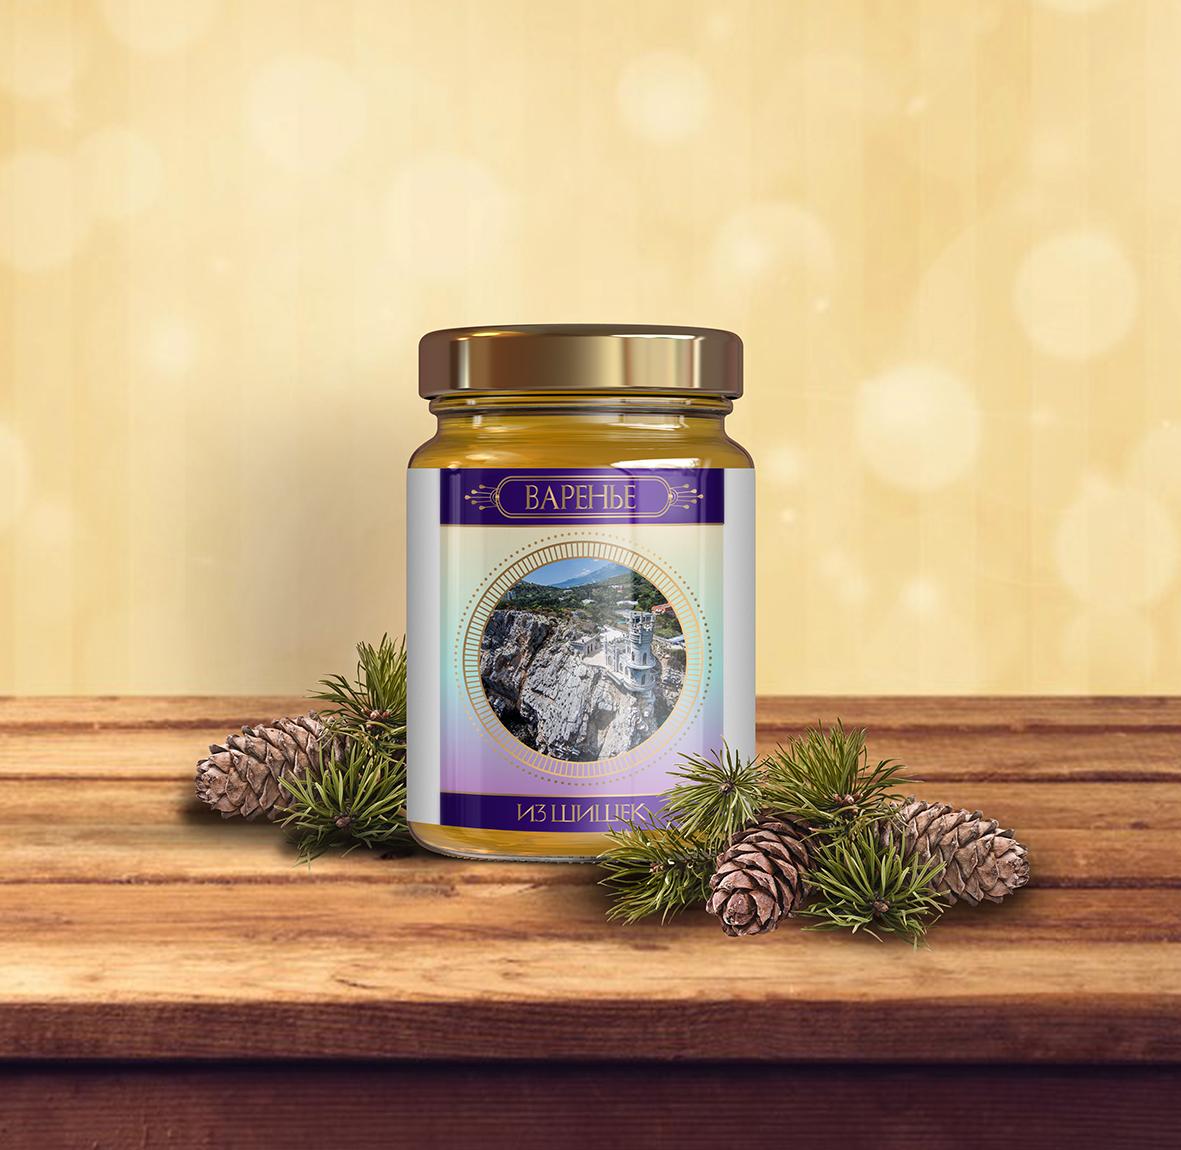 Дизайн подарочной-сувенирной коробки: с чаем и варением фото f_8555a57cb4a7324b.jpg